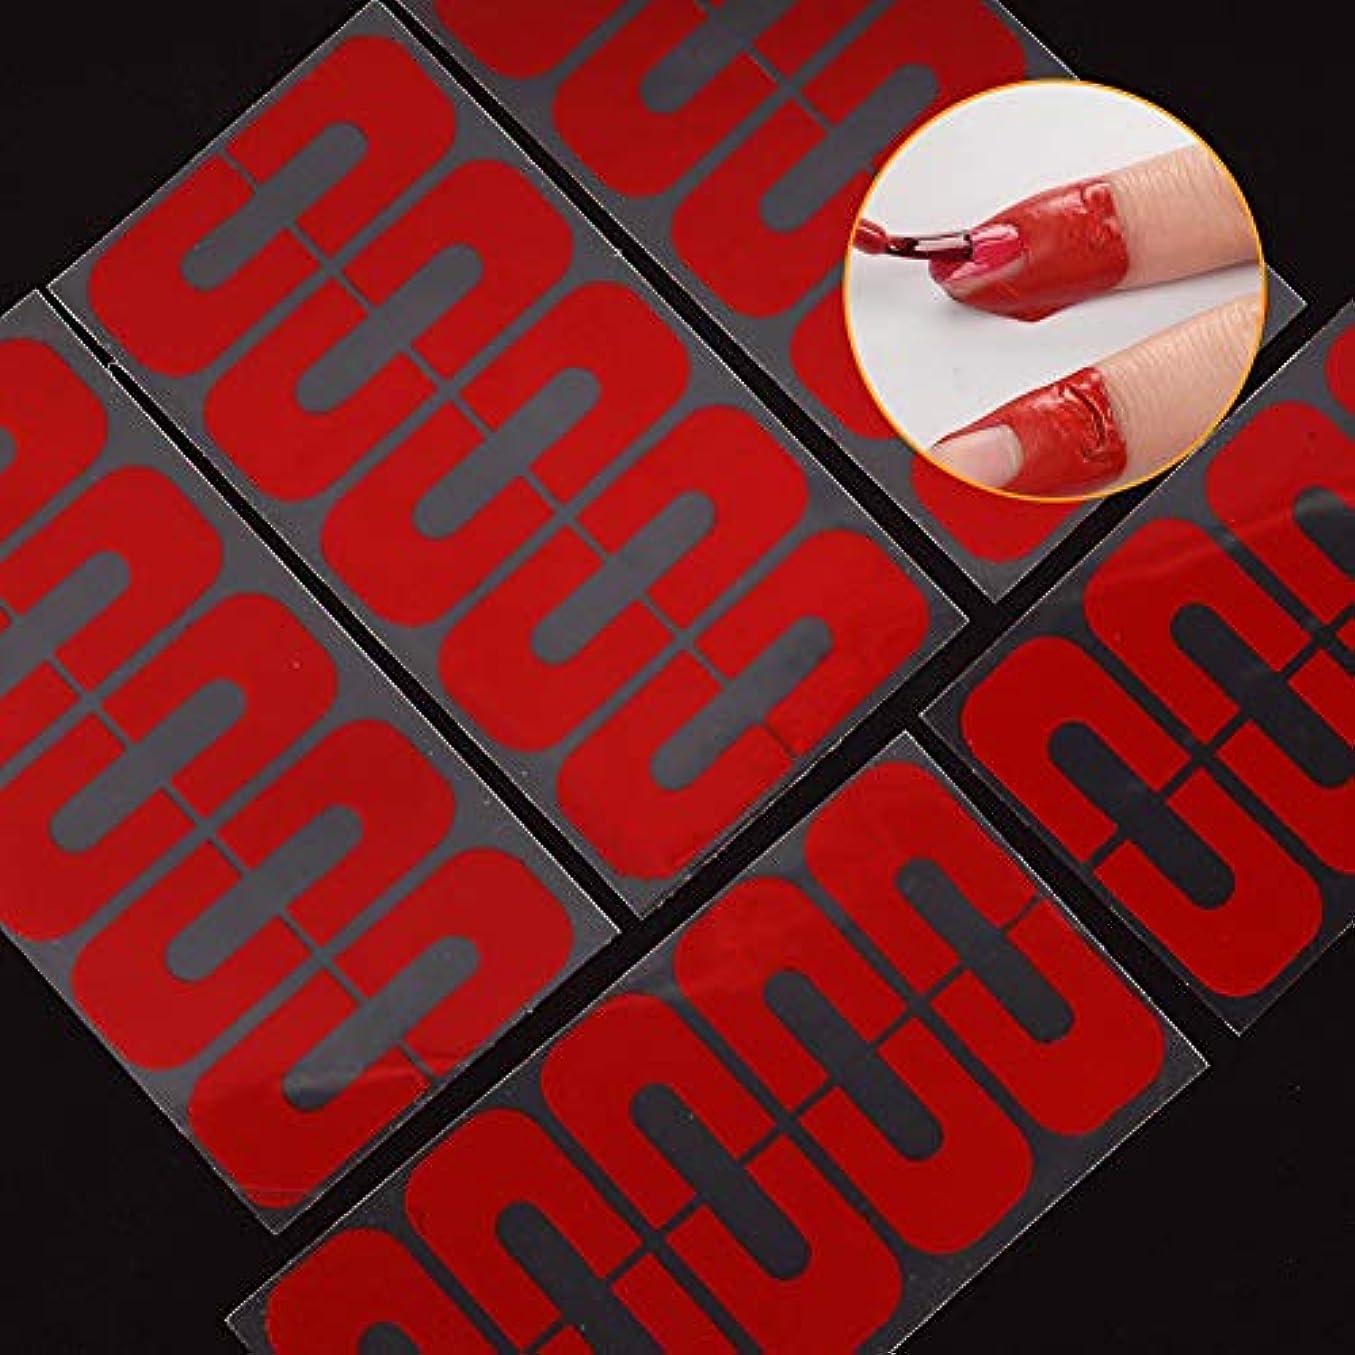 ハンカチ飾るよろしくhamulekfae-50個使い捨てU字型こぼれ防止ネイルプロテクター弾性指カバーステッカー - 赤50個Red50pcs